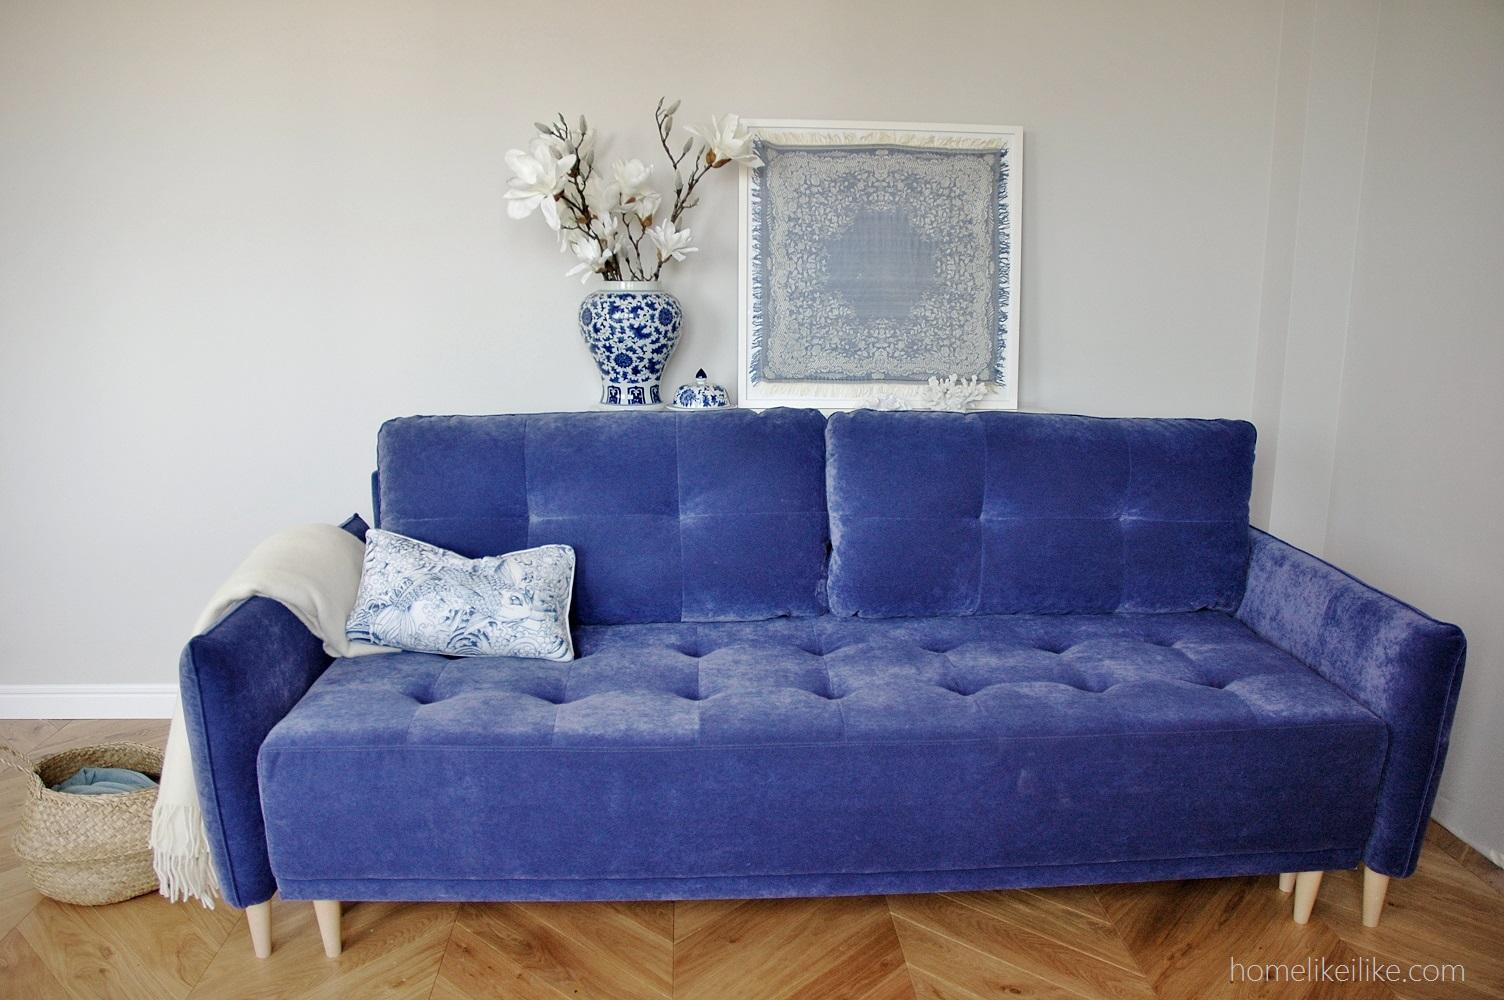 sofa malmo meble zet - homelikeilike.com